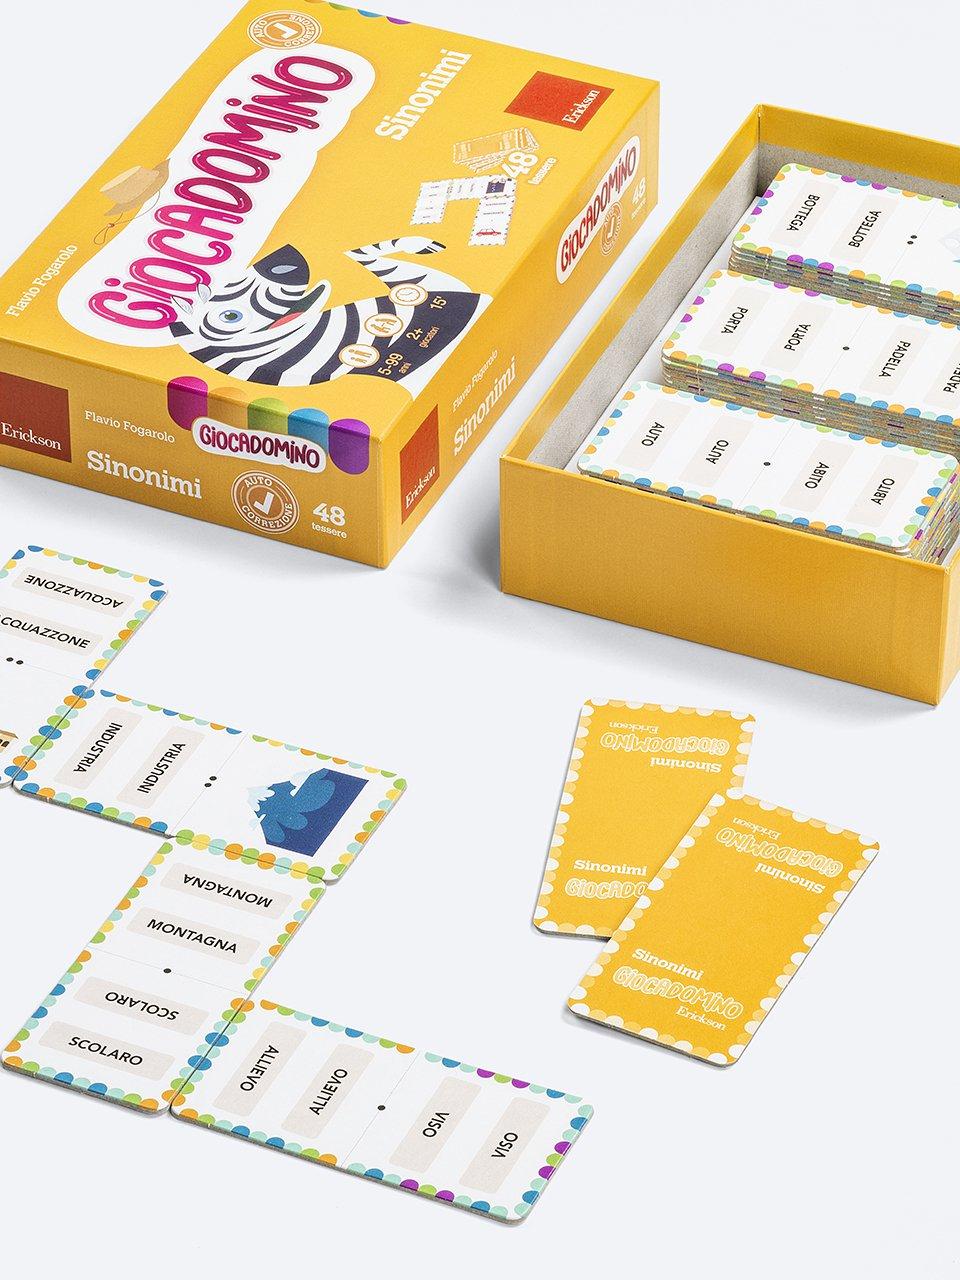 Giocadomino - Sinonimi - Giochi - Erickson 2